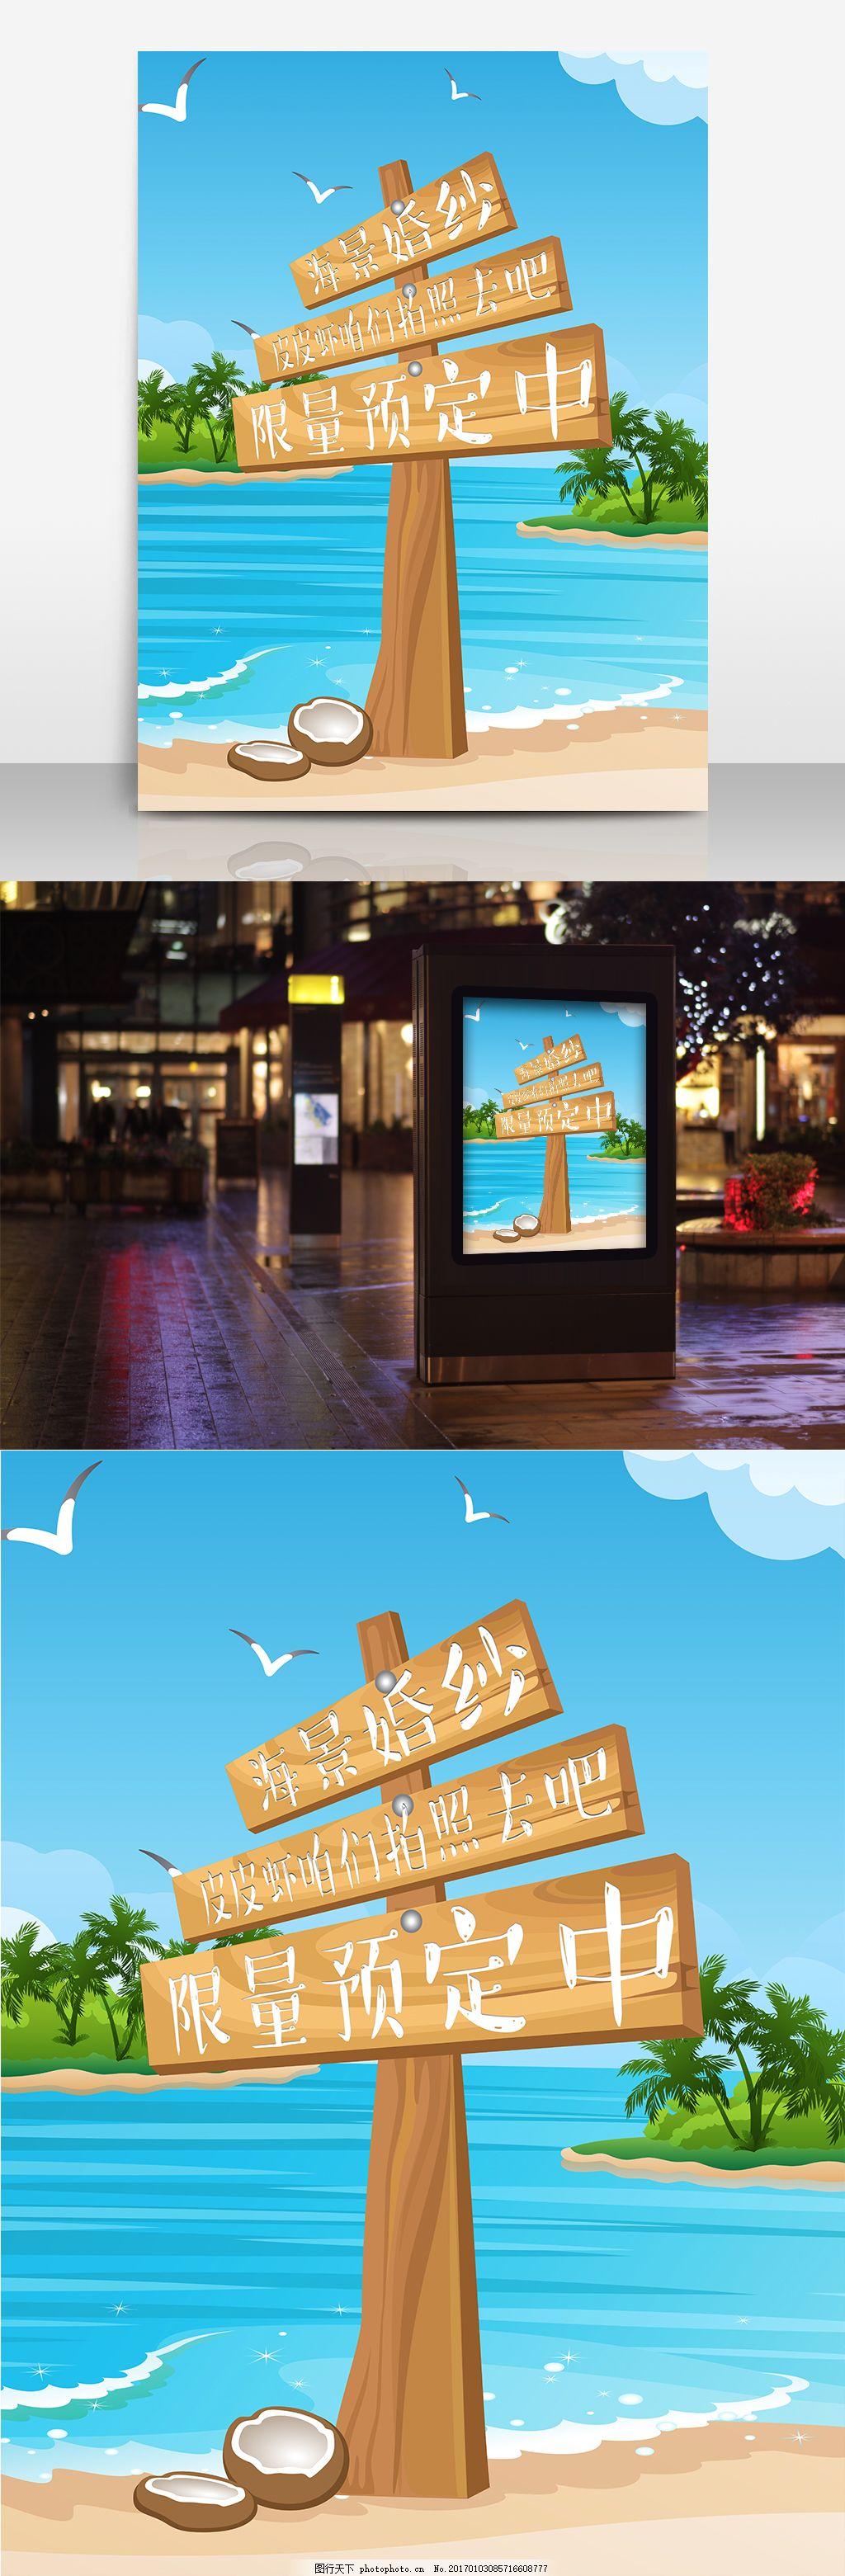 创意海景手绘婚纱摄影商业宣传海报